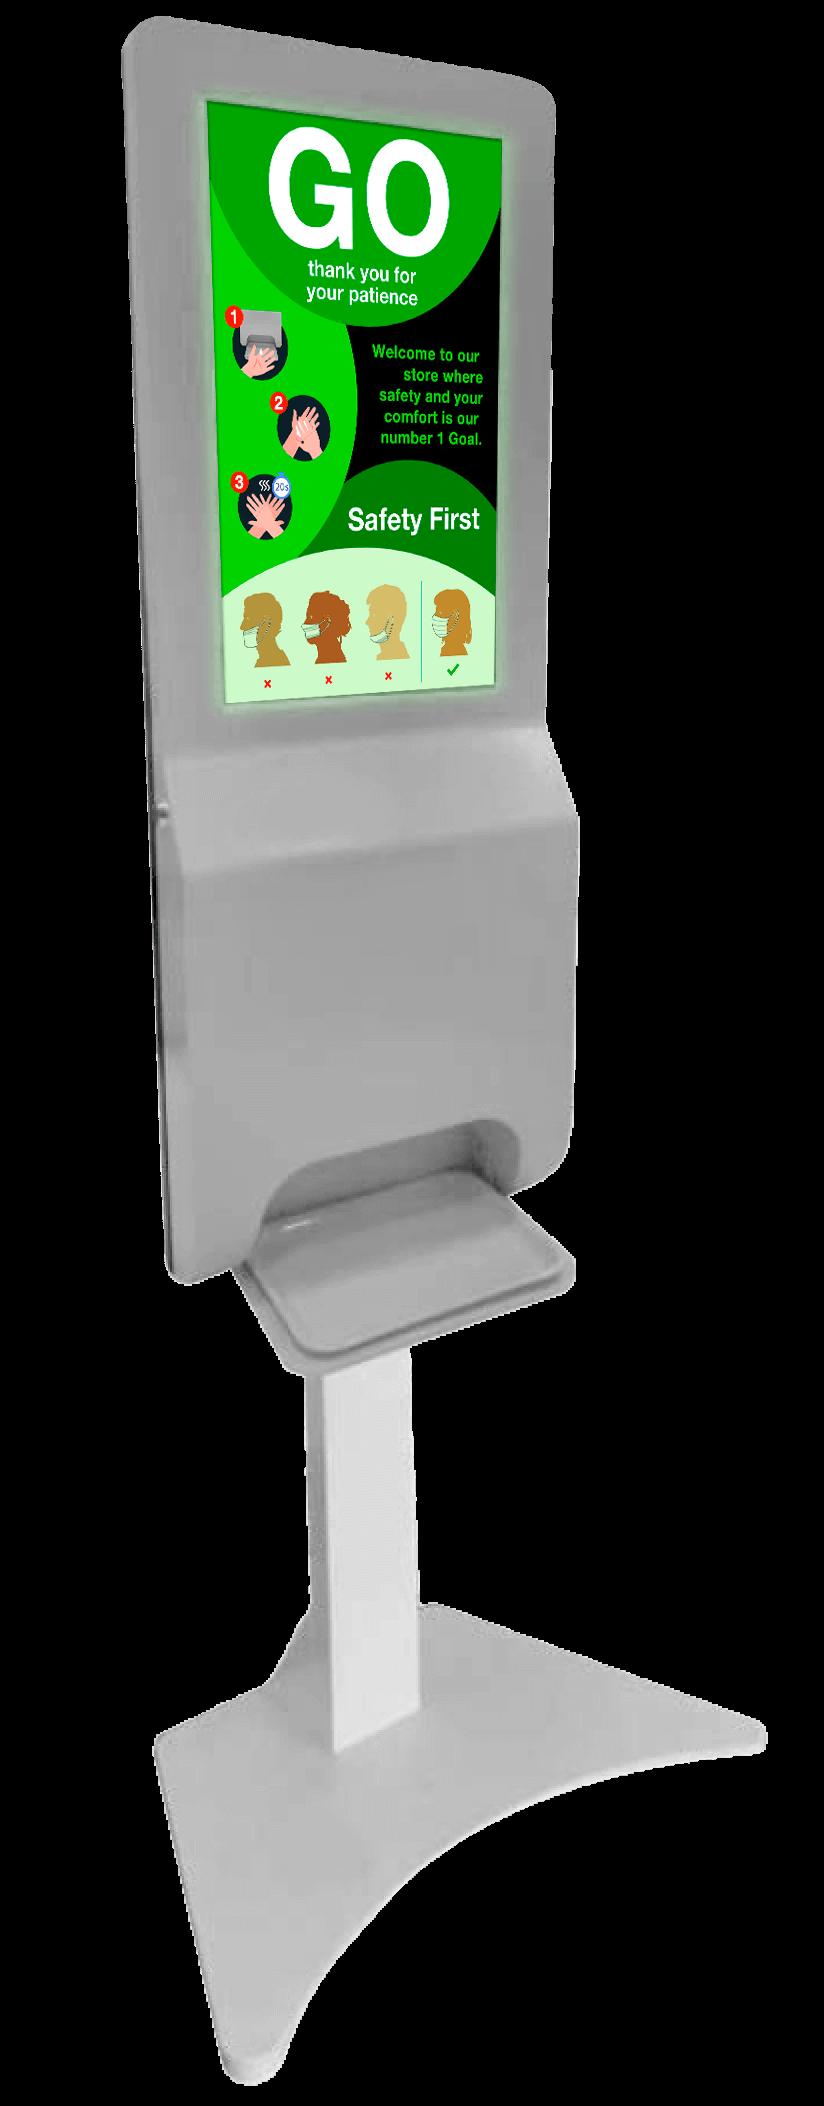 Kiosk stand GO